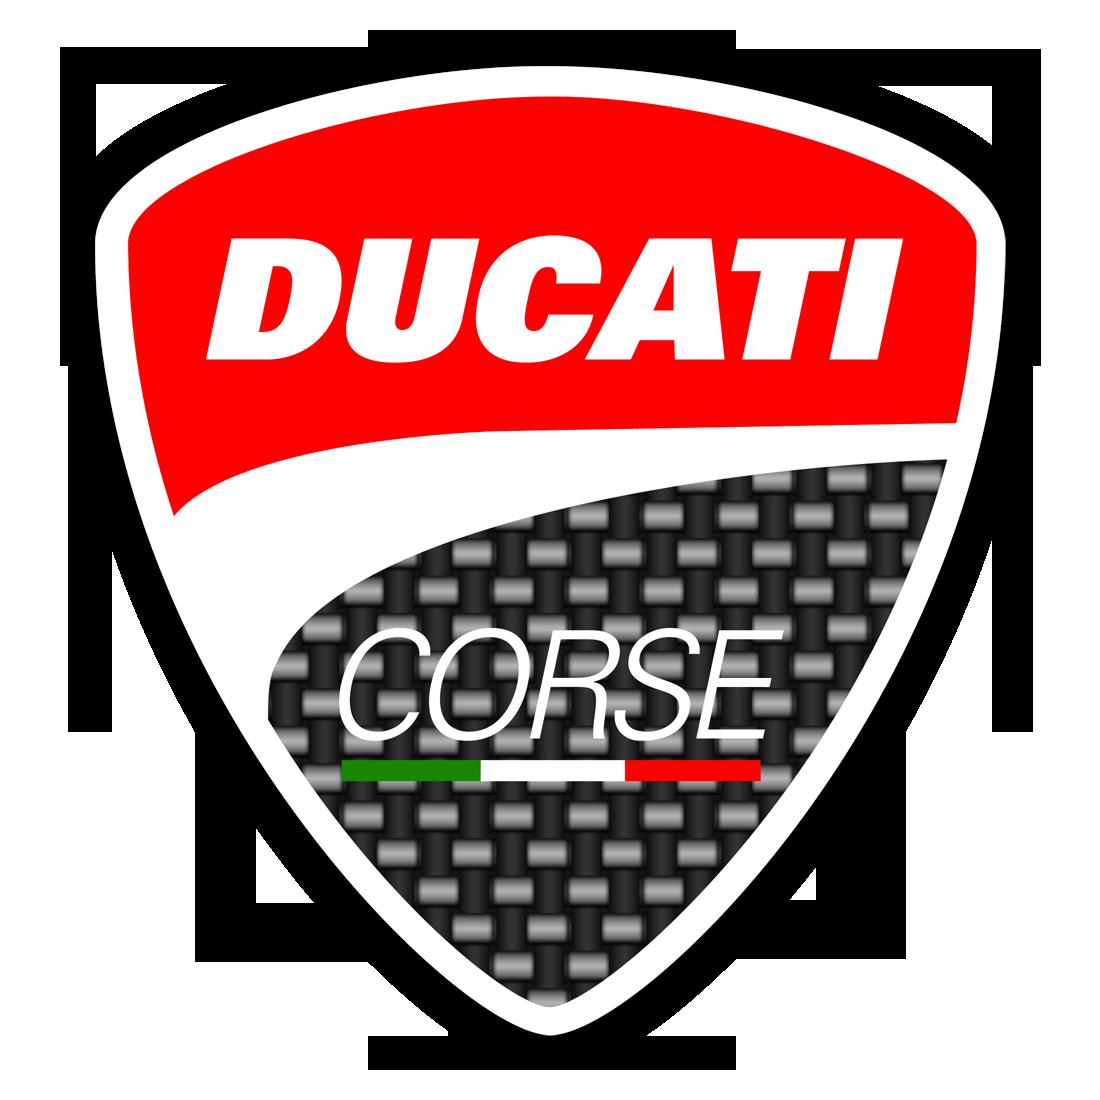 Download Image 1100 X 1100 - Ducati Logo Vector PNG